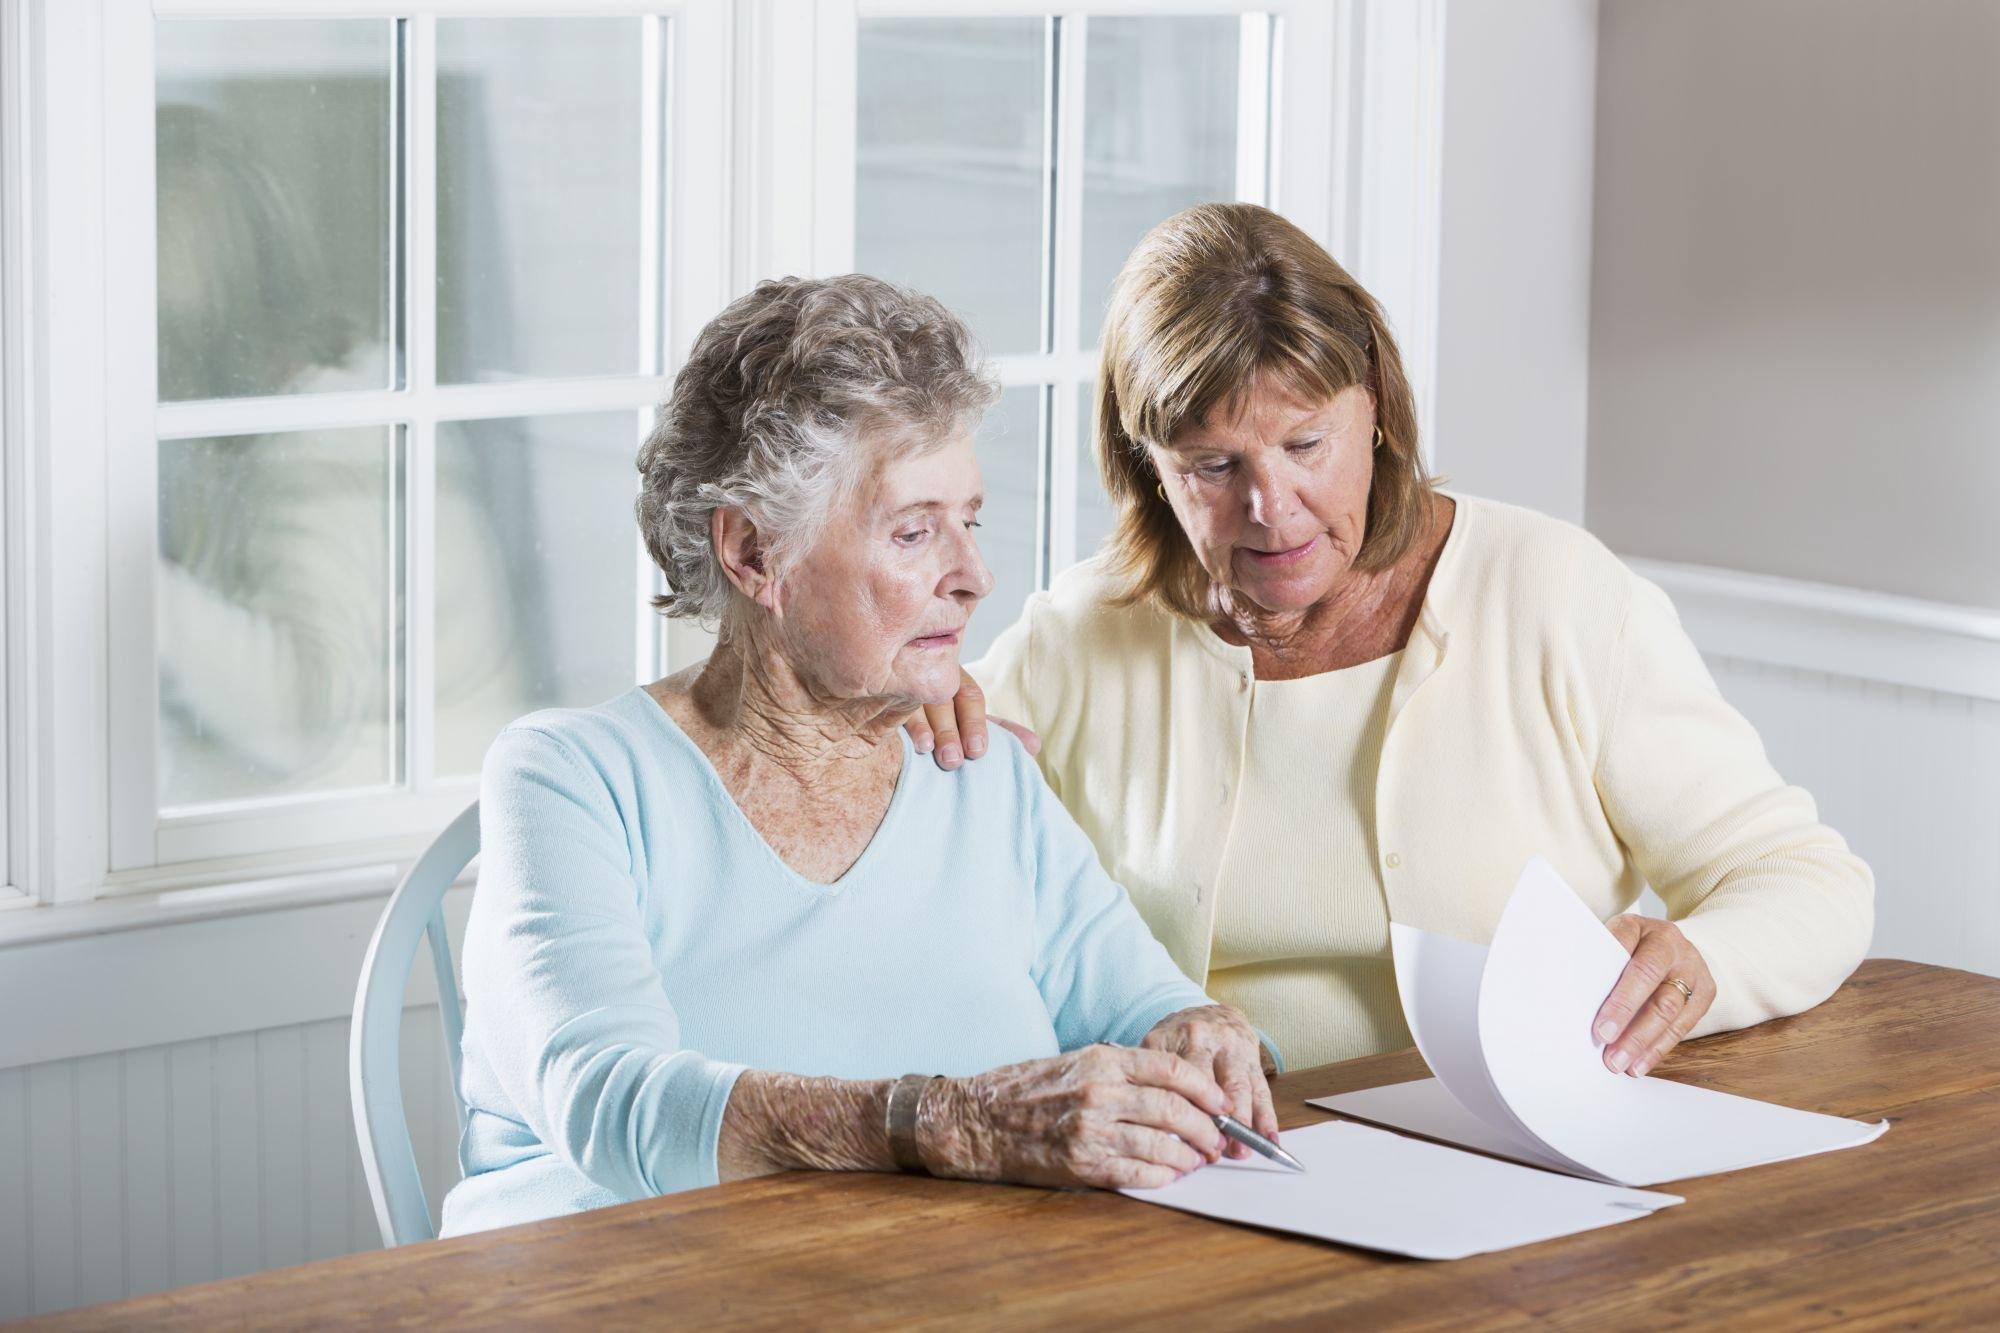 vrouw helpt oudere vrouw met papierwerk